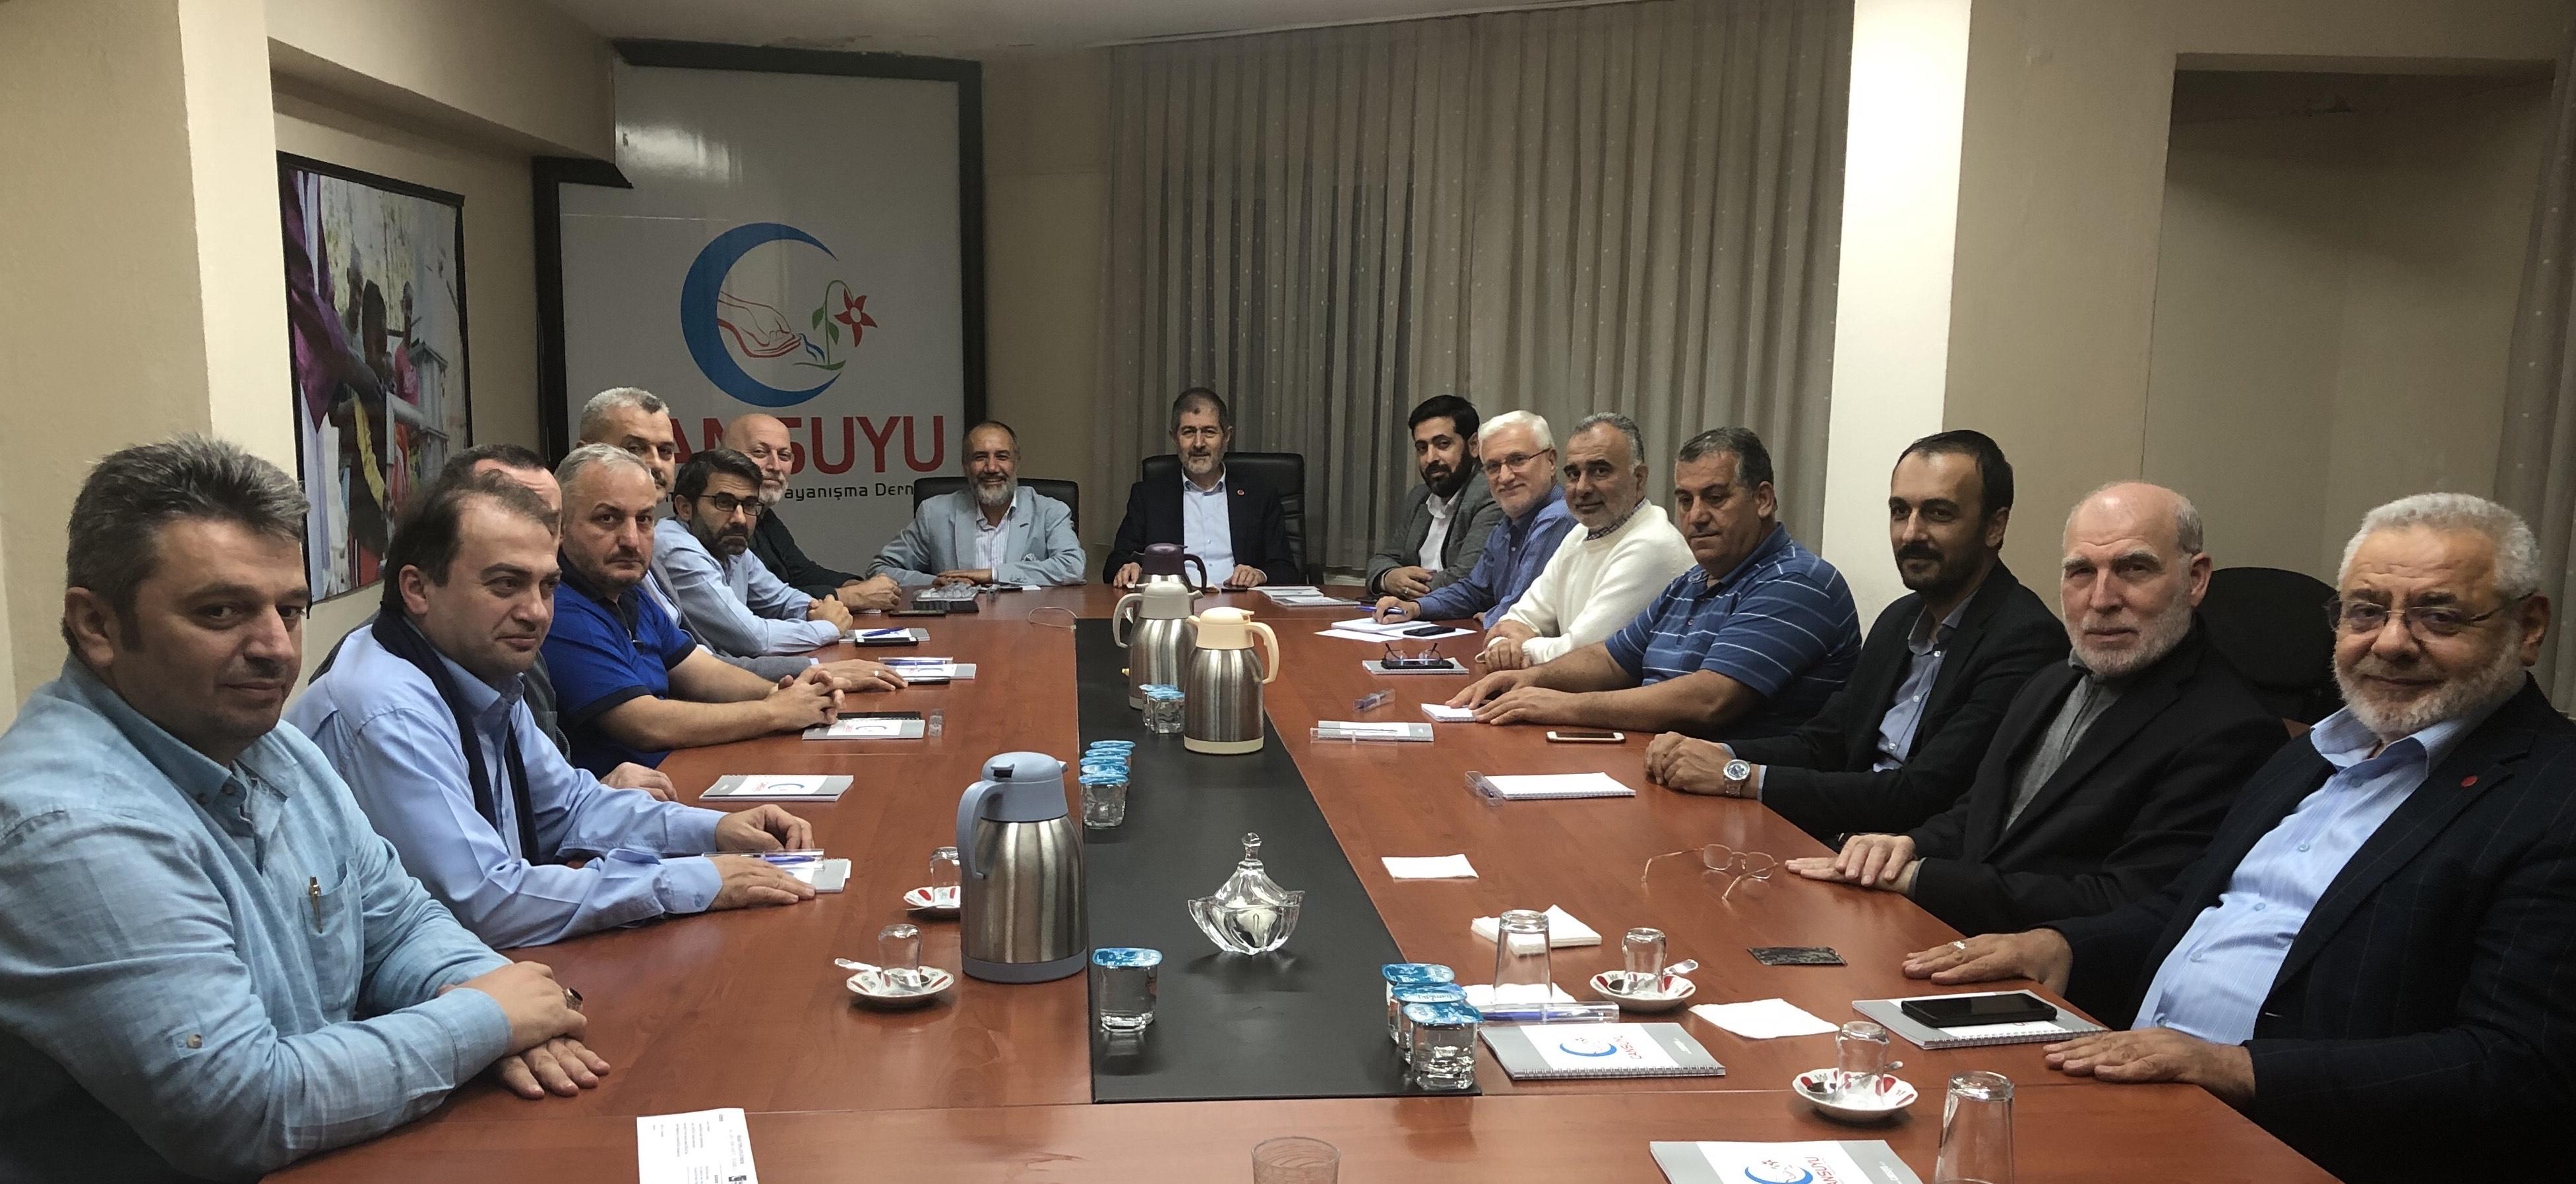 Millî Görüşçü Kuruluşlar Kasım Ayı Koordinasyon Toplantısı Cansuyu İstanbul Temsilciliğinde yapıldı. - HABERLER - İKEV - İlim Kültür ve Eğitim Vakfı